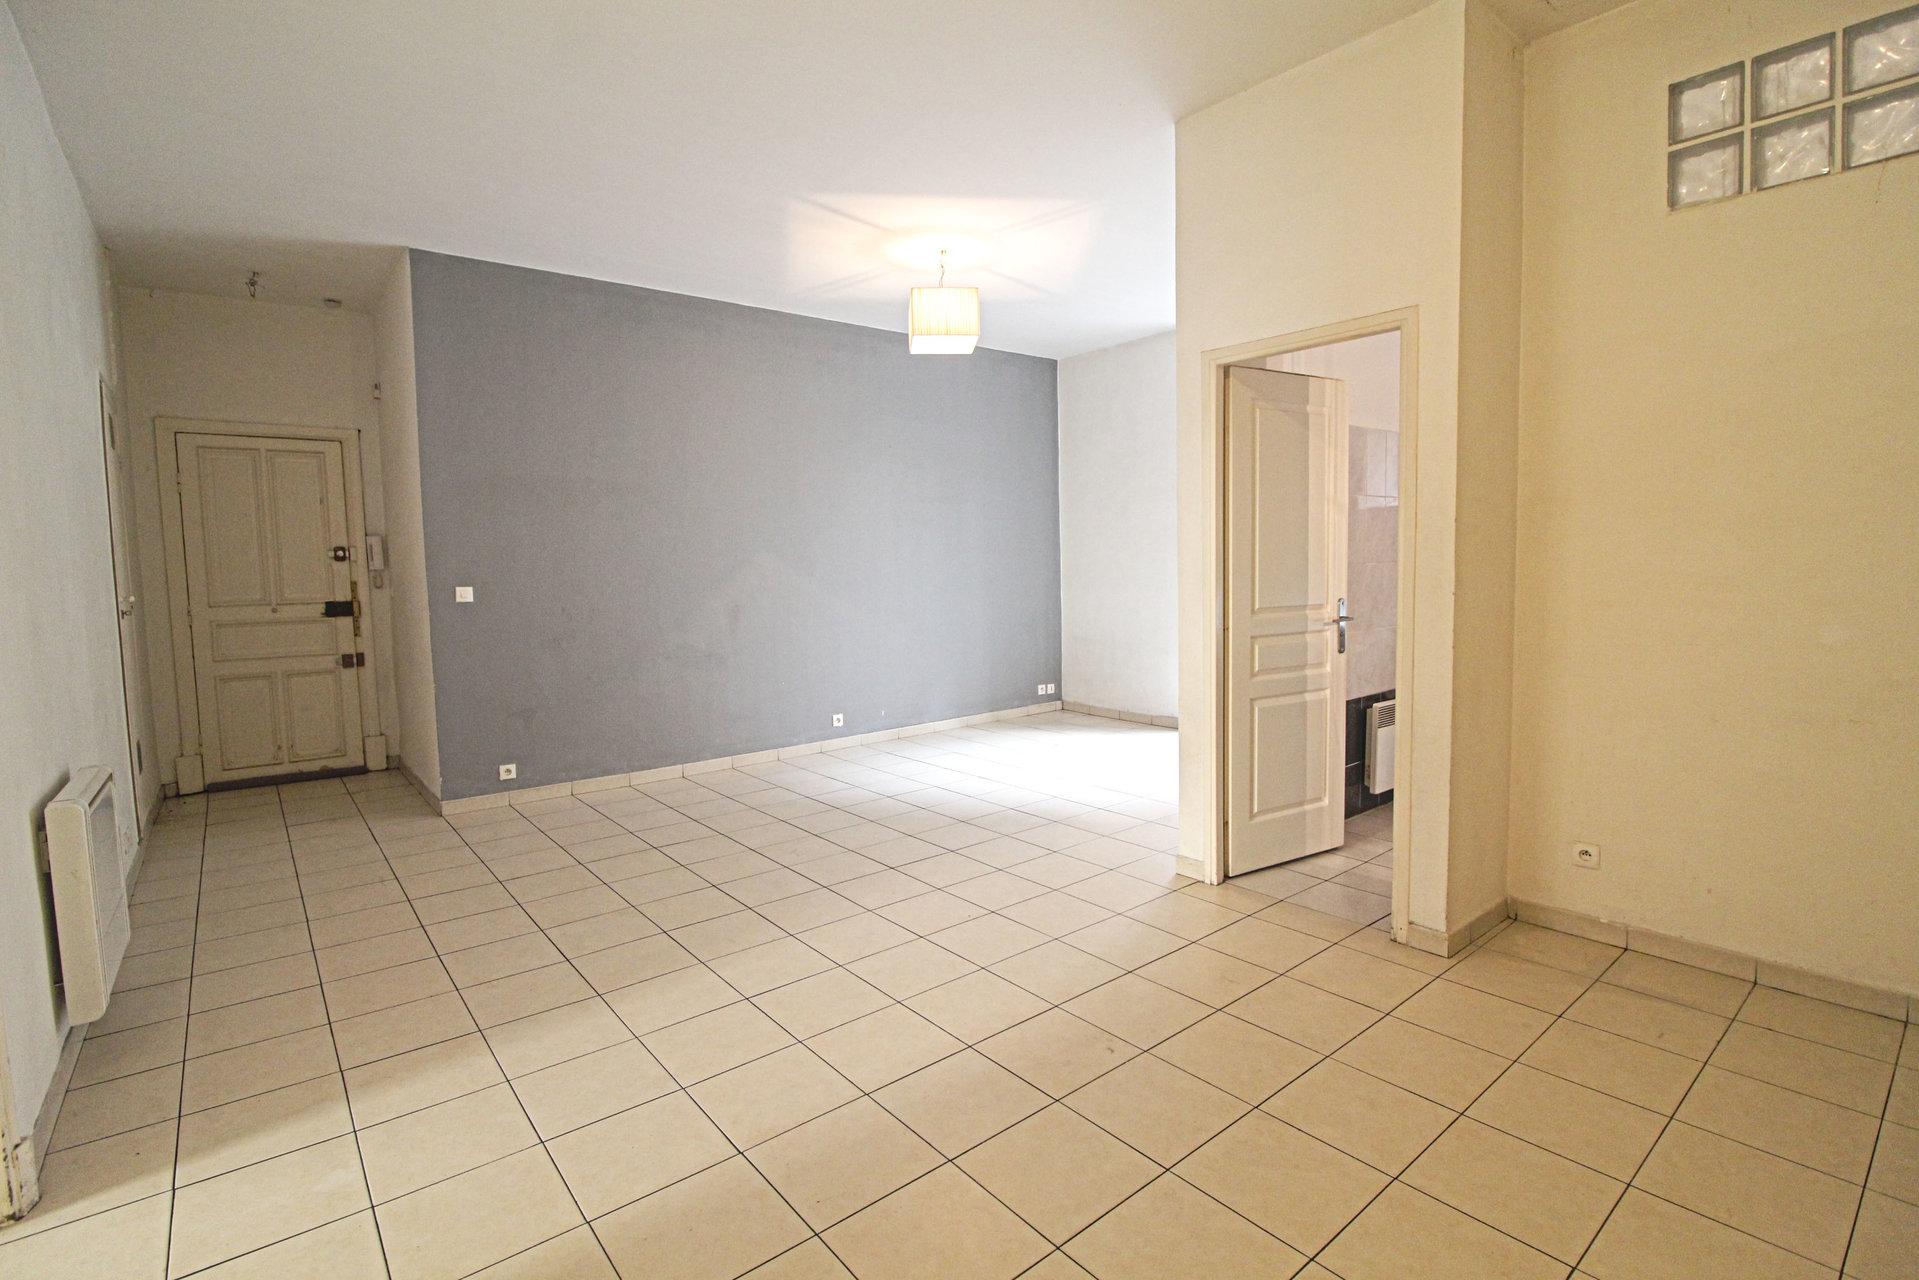 NICE EST PASTEUR - 2P 52 m² RDC - 99.000 €